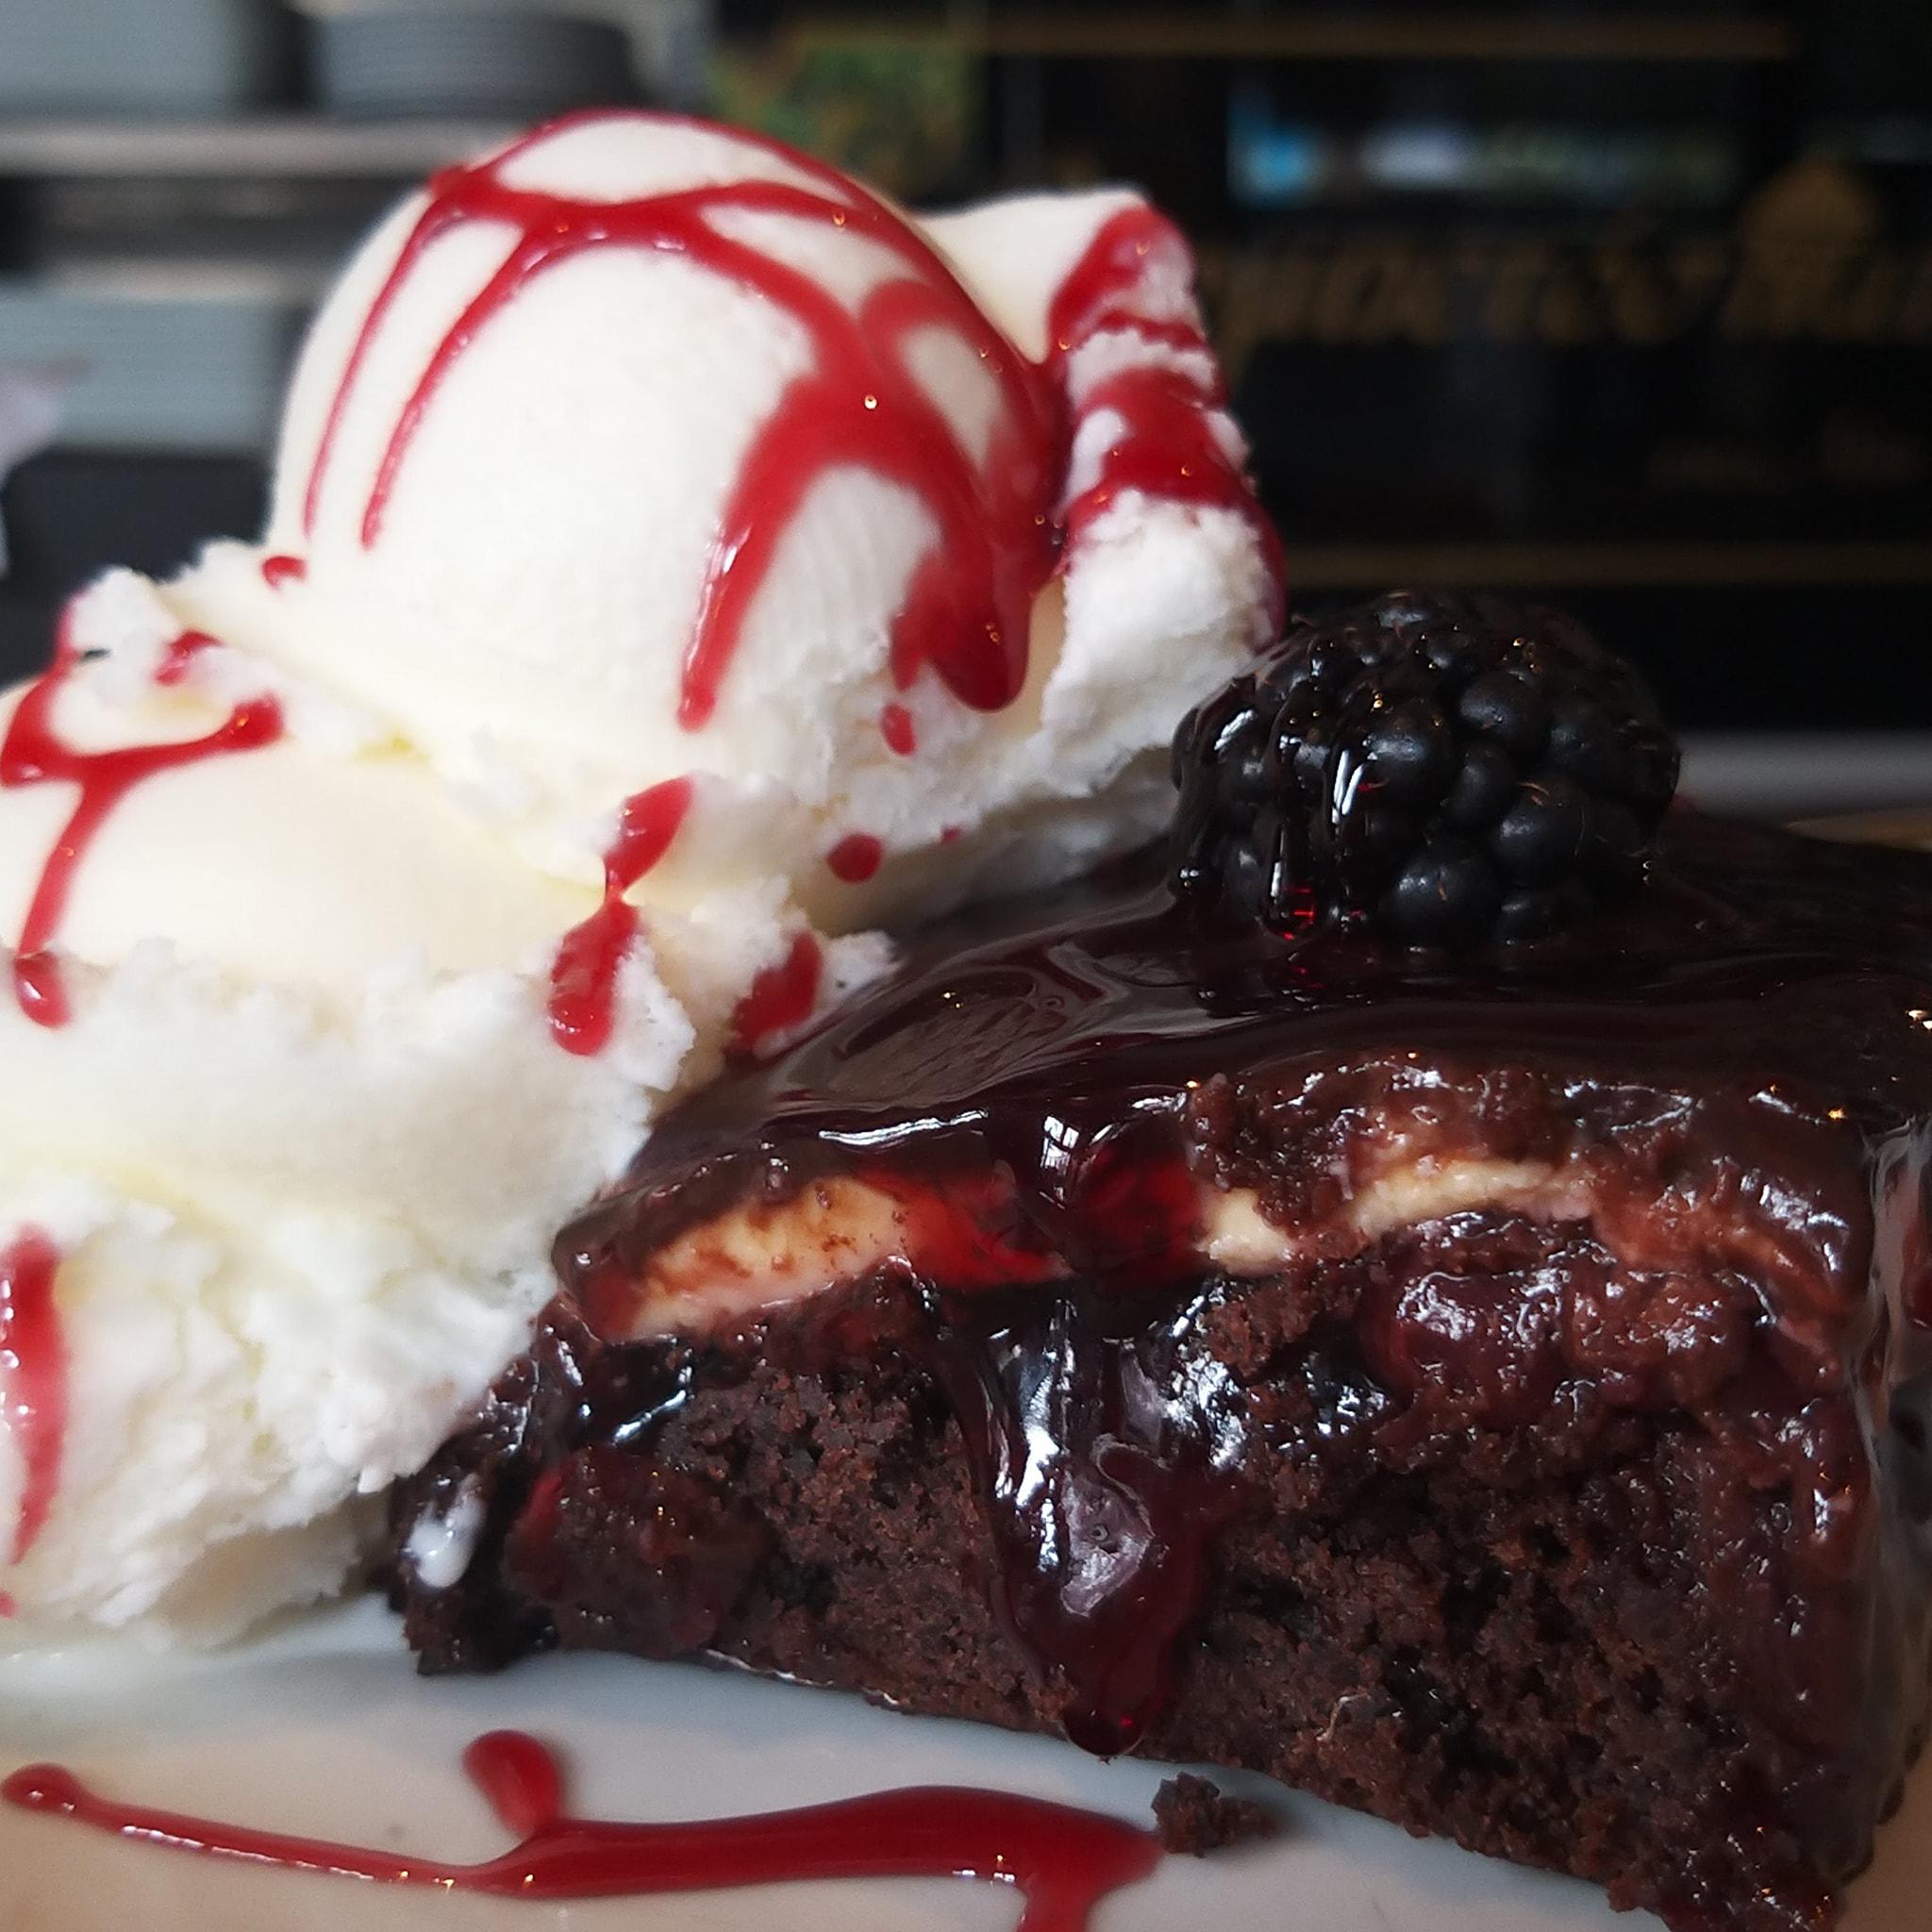 Στο «Σερμπετόσπιτο της Νάνσυ» θα φας τα πιο...κολασμένα γλυκά της ζωής σου